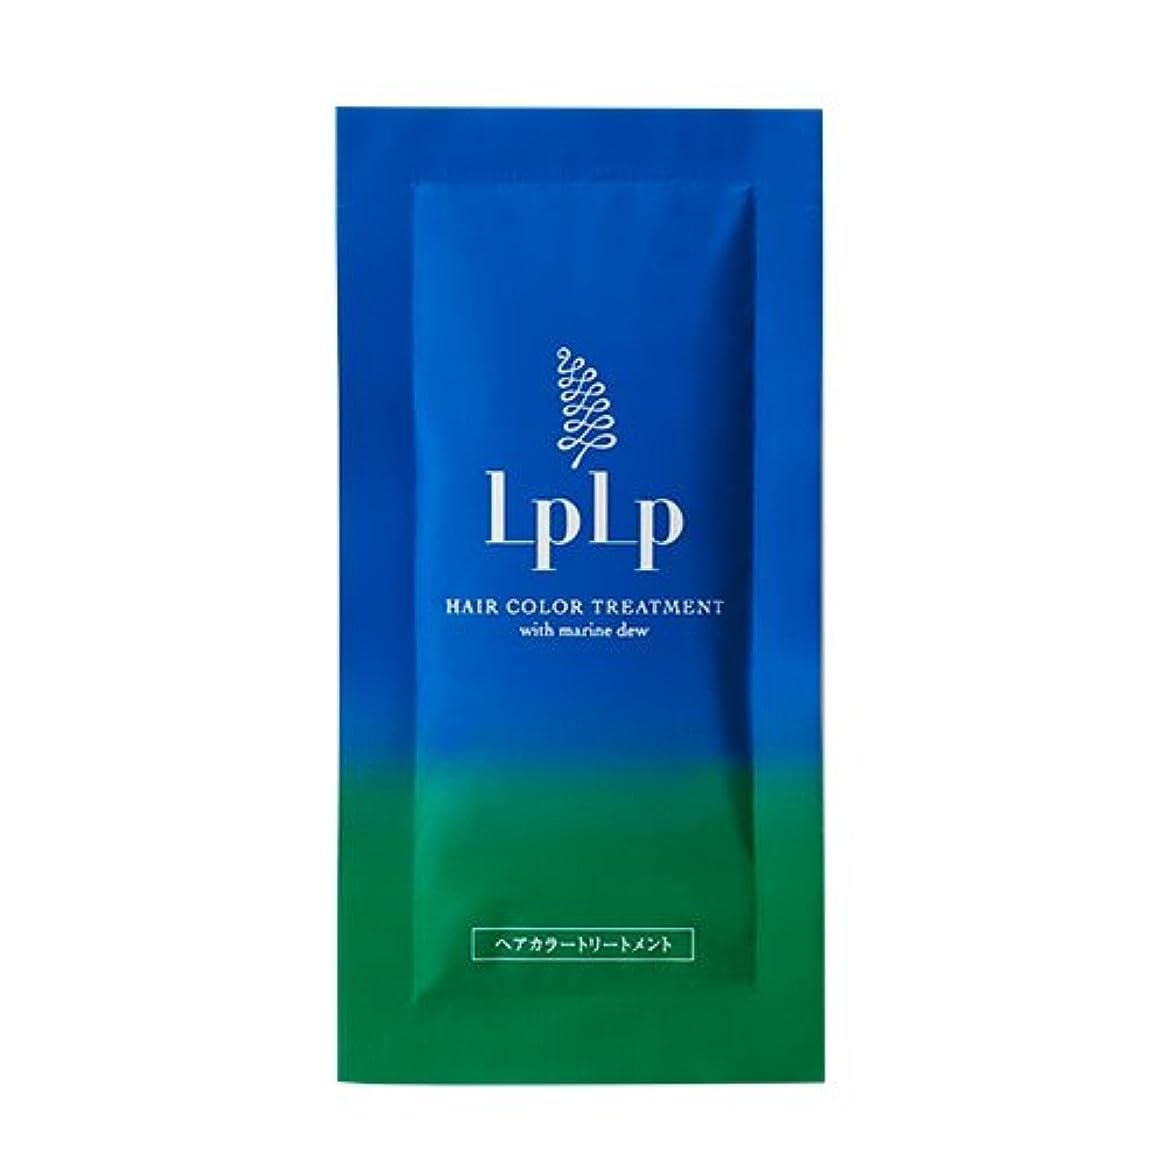 簡潔なまつげネックレットLPLP(ルプルプ)ヘアカラートリートメントお試しパウチ ブラウン